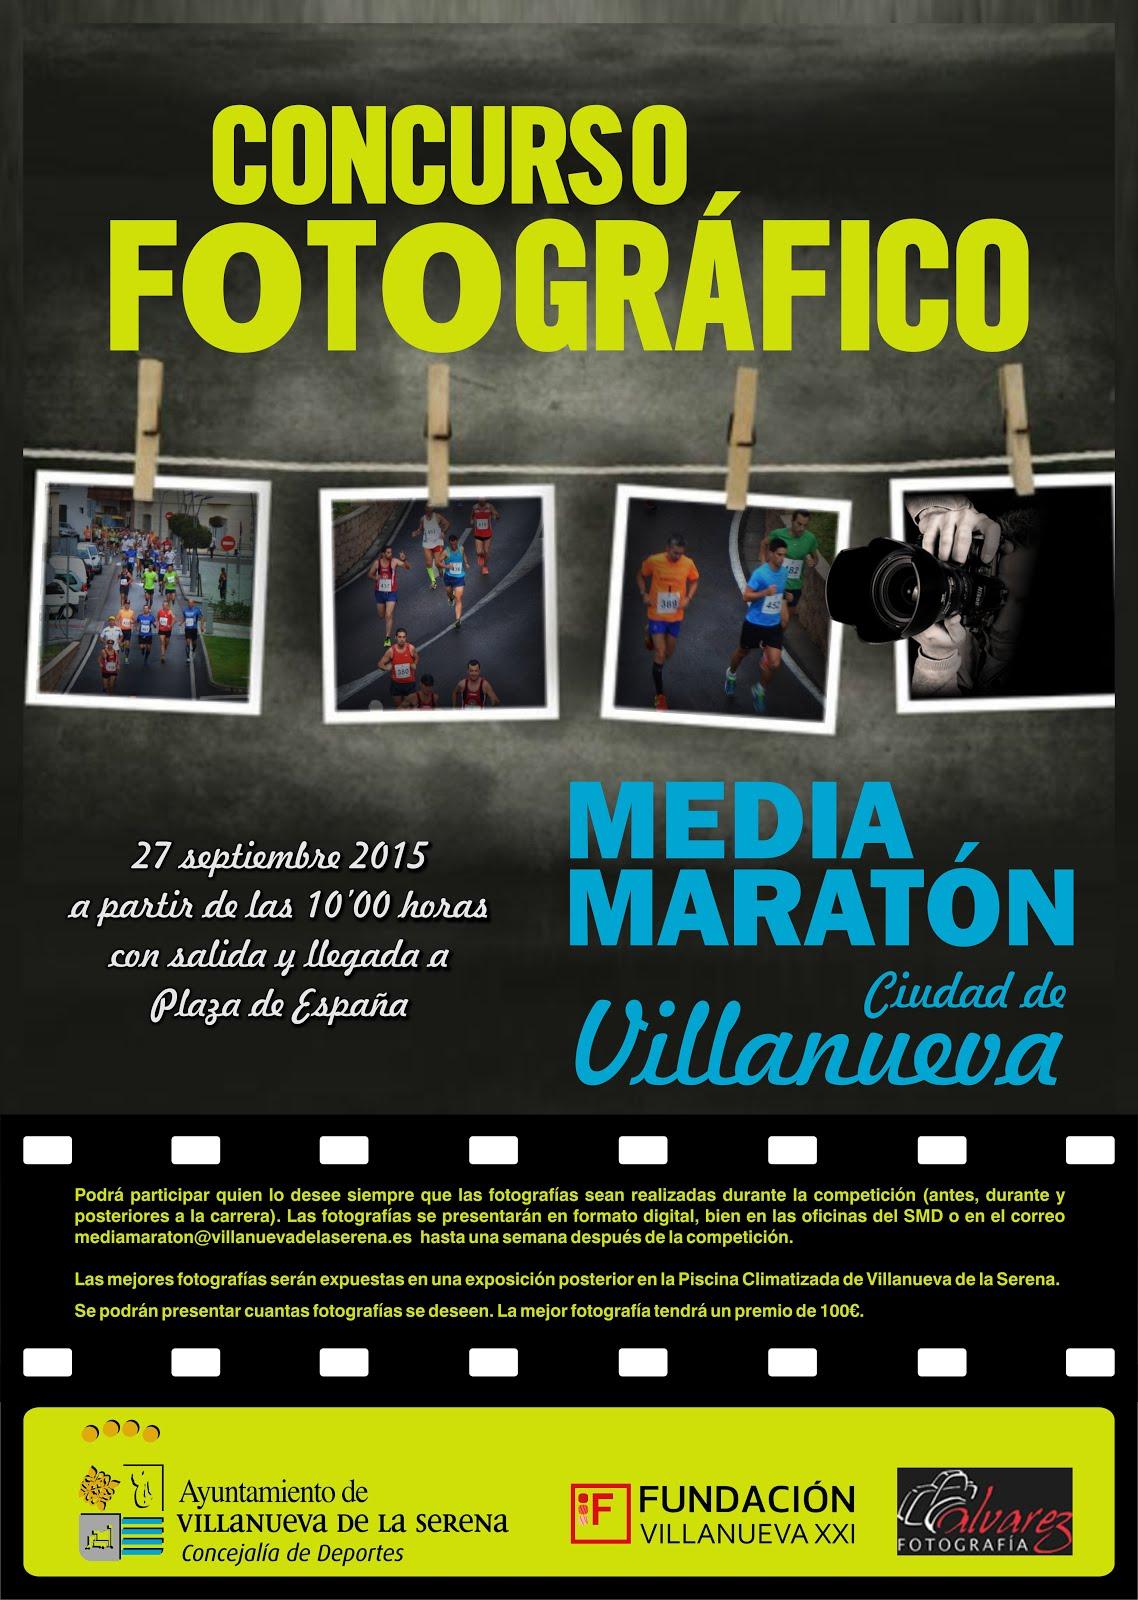 Concurso fotográfico Media Maratón Ciudad de Villanueva